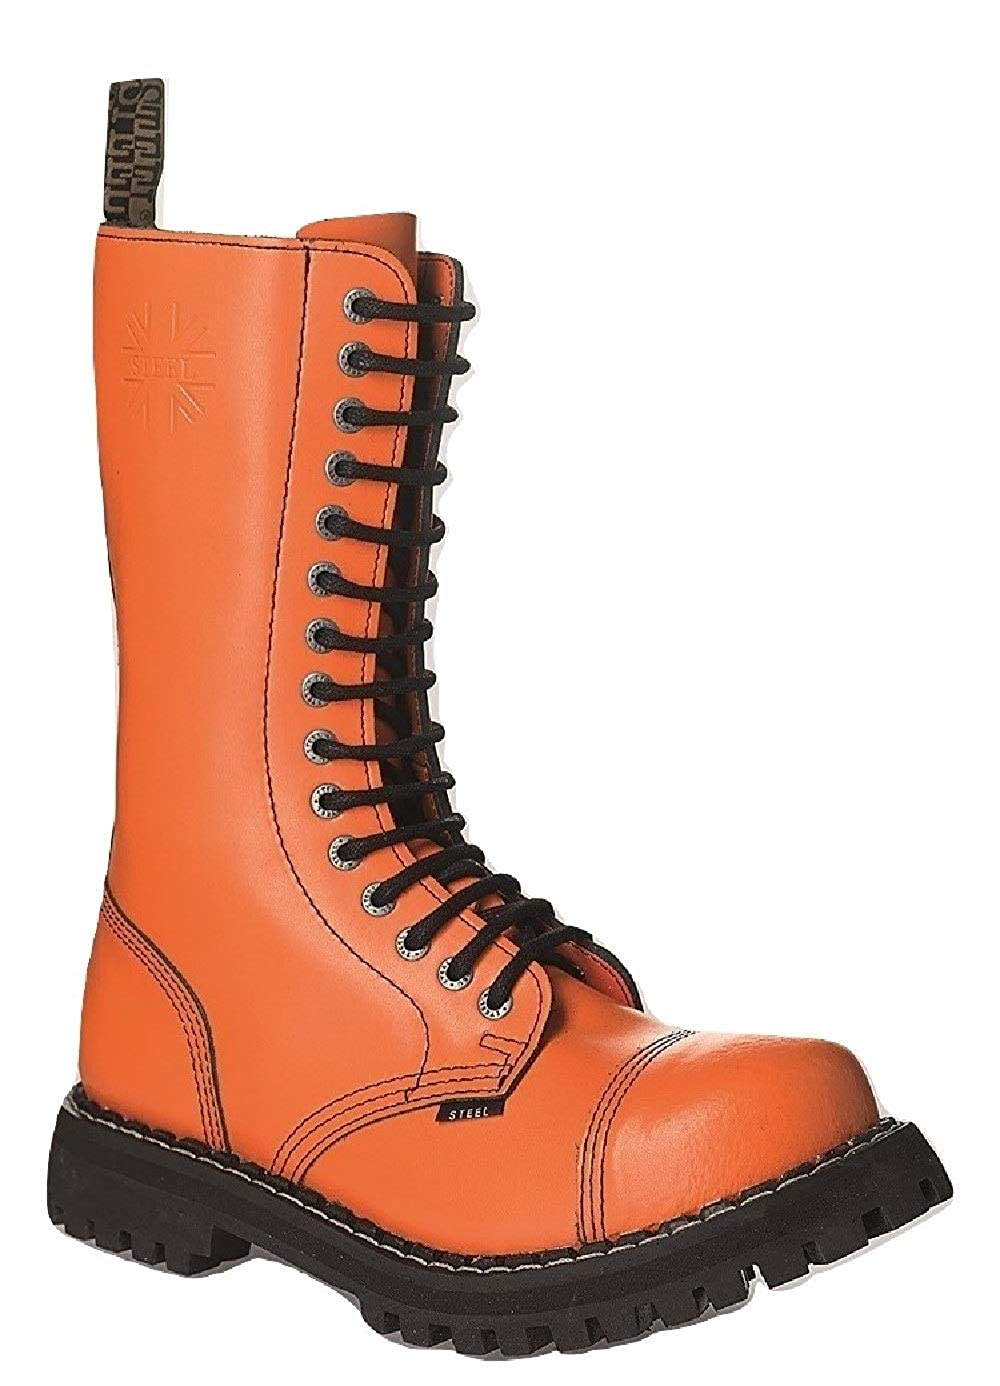 Steel Kampfstiefel Militärstiefel Unisex Herren Damen Glattleder Orange Verwaschene Schwarz 15 Ösen Army Punk Stahlkappe